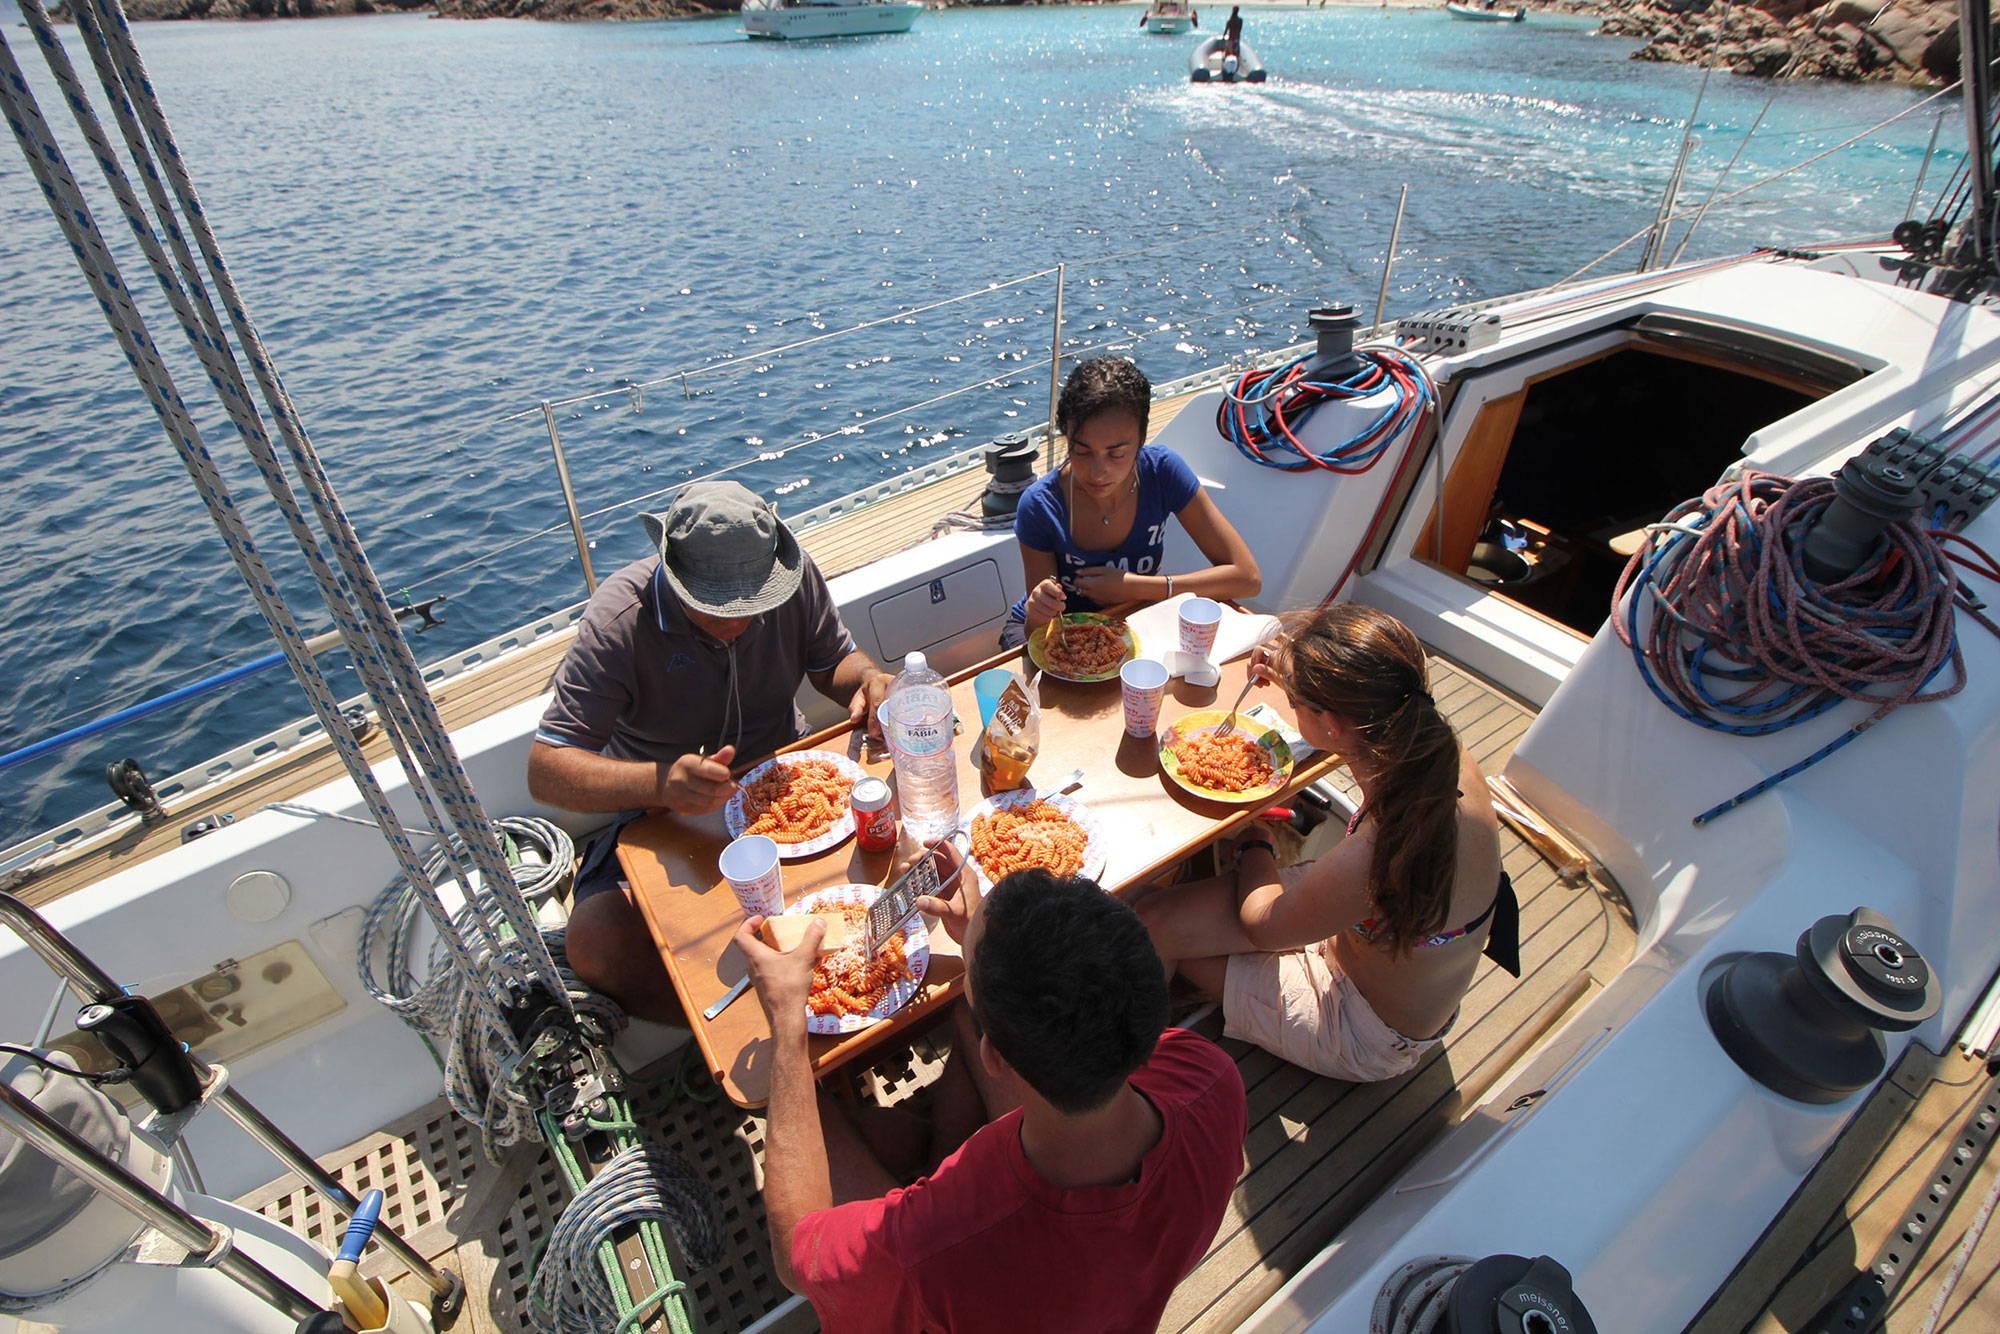 escursioni-in-barca-pranzo-a-bordo-2-2